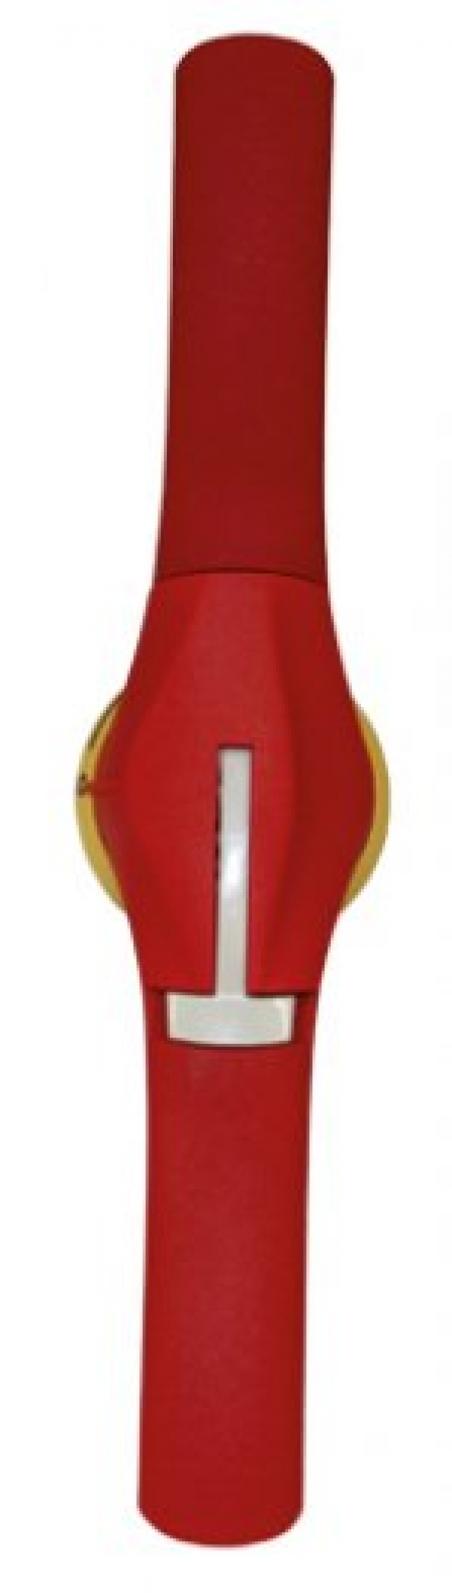 Рукоятка выносная LBS-EH 1600/YR (красн., для LBS 800-1600А)